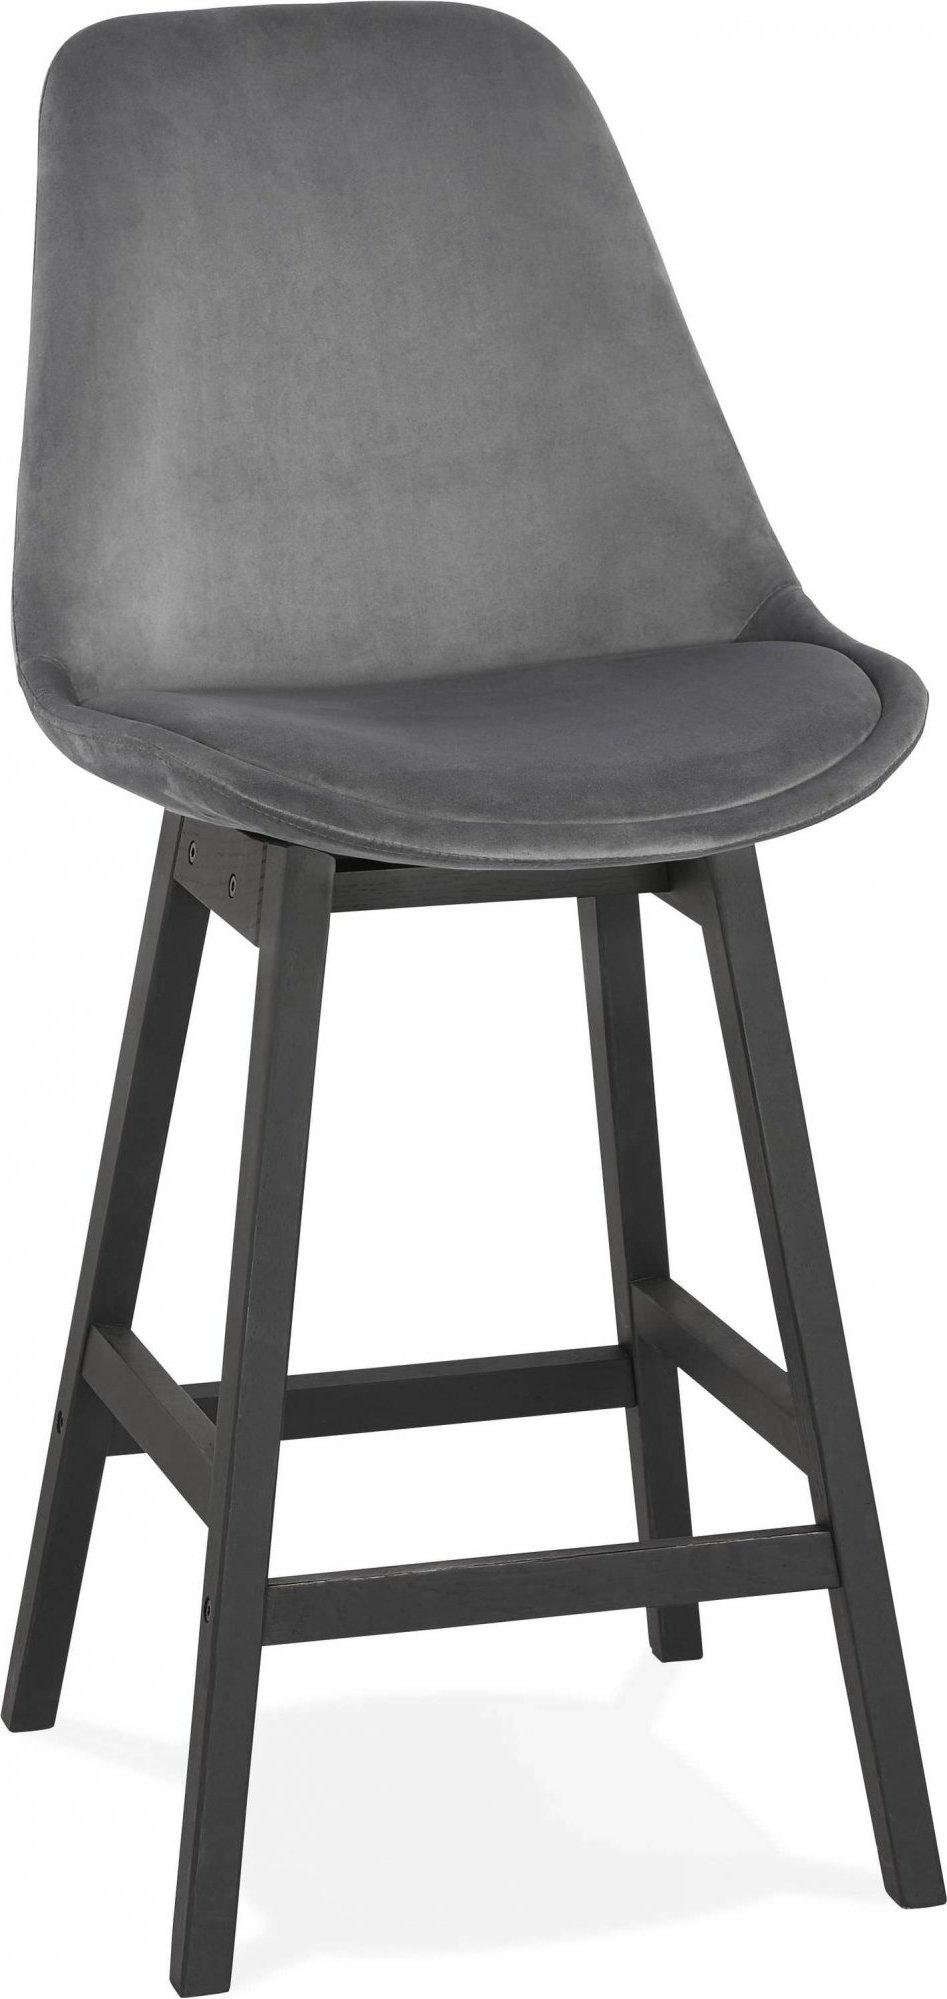 Tabouret de bar en velour gris et bois noir h103cm